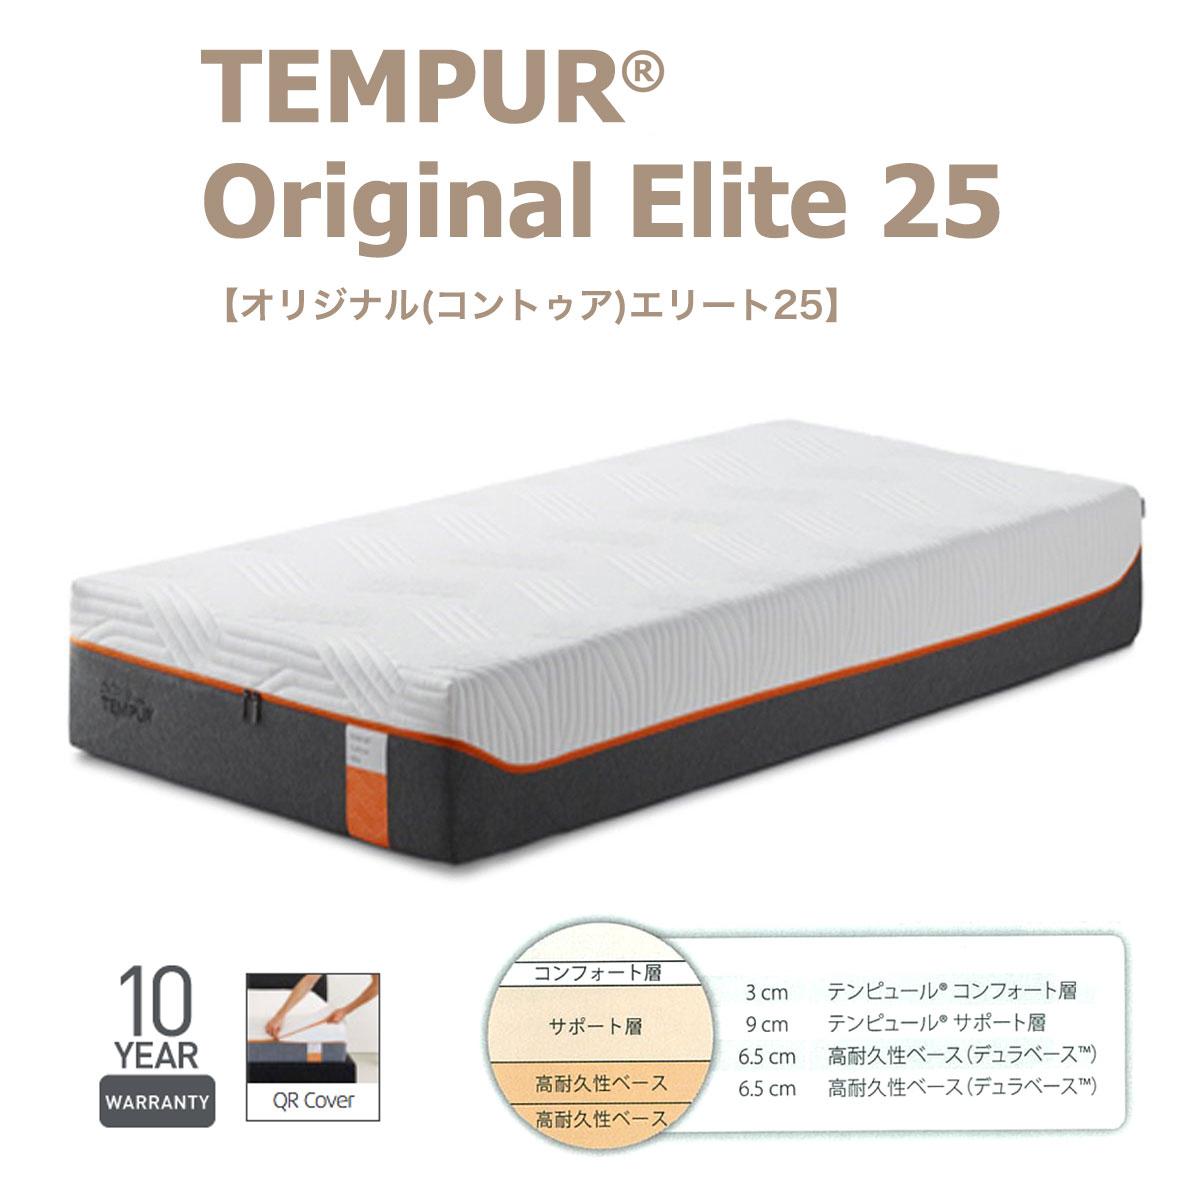 テンピュール🄬 オリジナル(コントゥア)エリート25 (ダブル)|マットレス ダブルマット ベッドマットレス ベッド ベット マット ベッドマット ベットマット 寝具 ダブルマットレス ダブルサイズ ダブルベッドマット tempur🄬